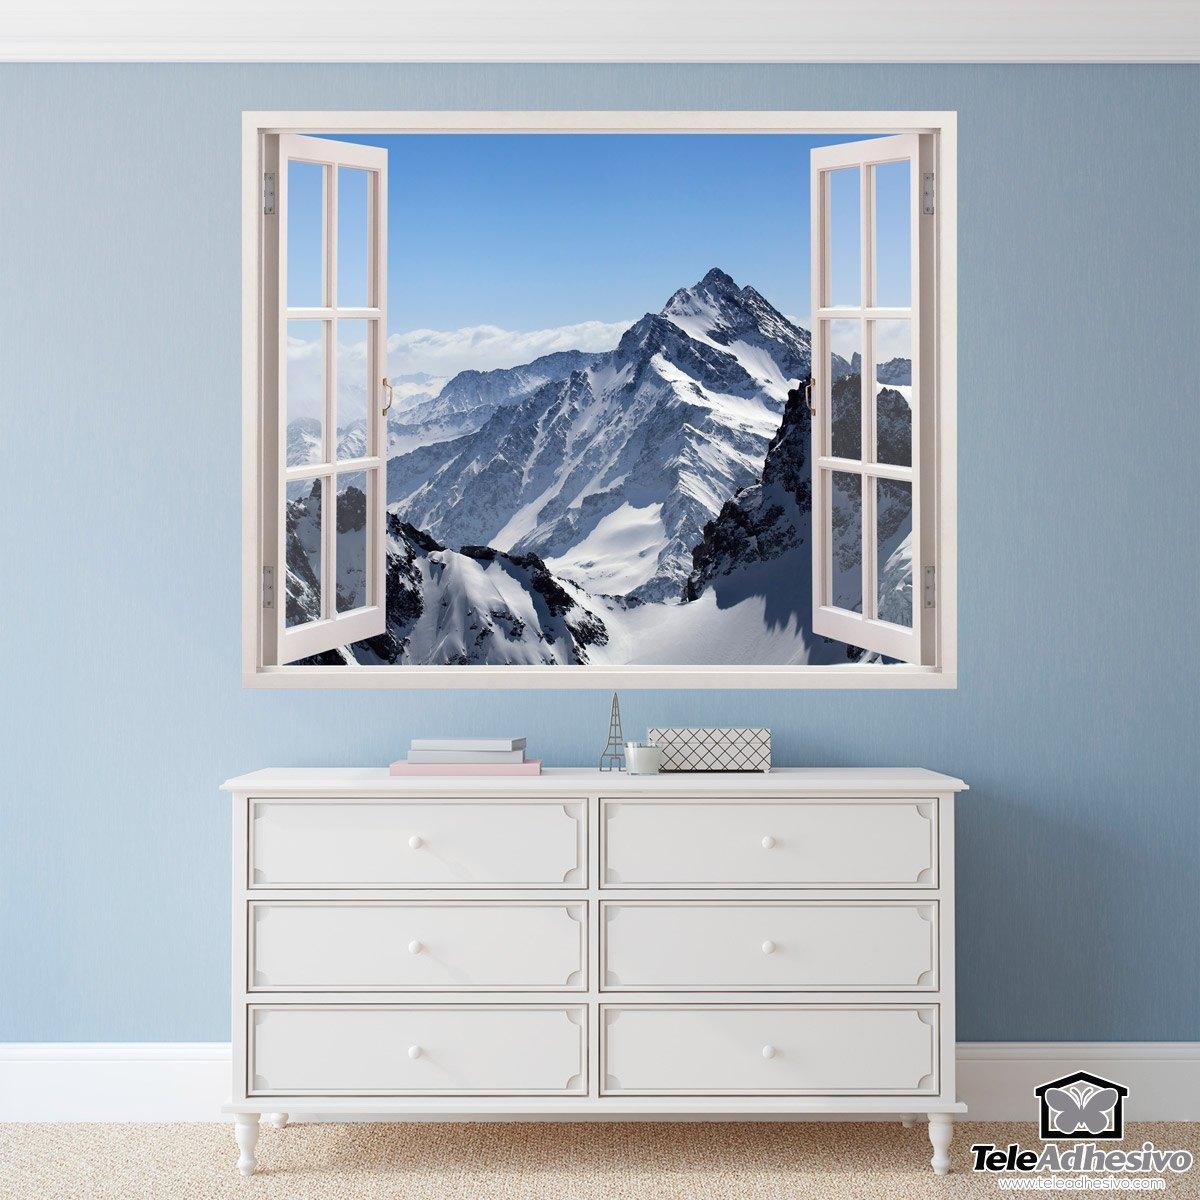 Fesselnde Wandtattoo Streifen Dekoration Von Wandtattoos: Himalaya-gebirge